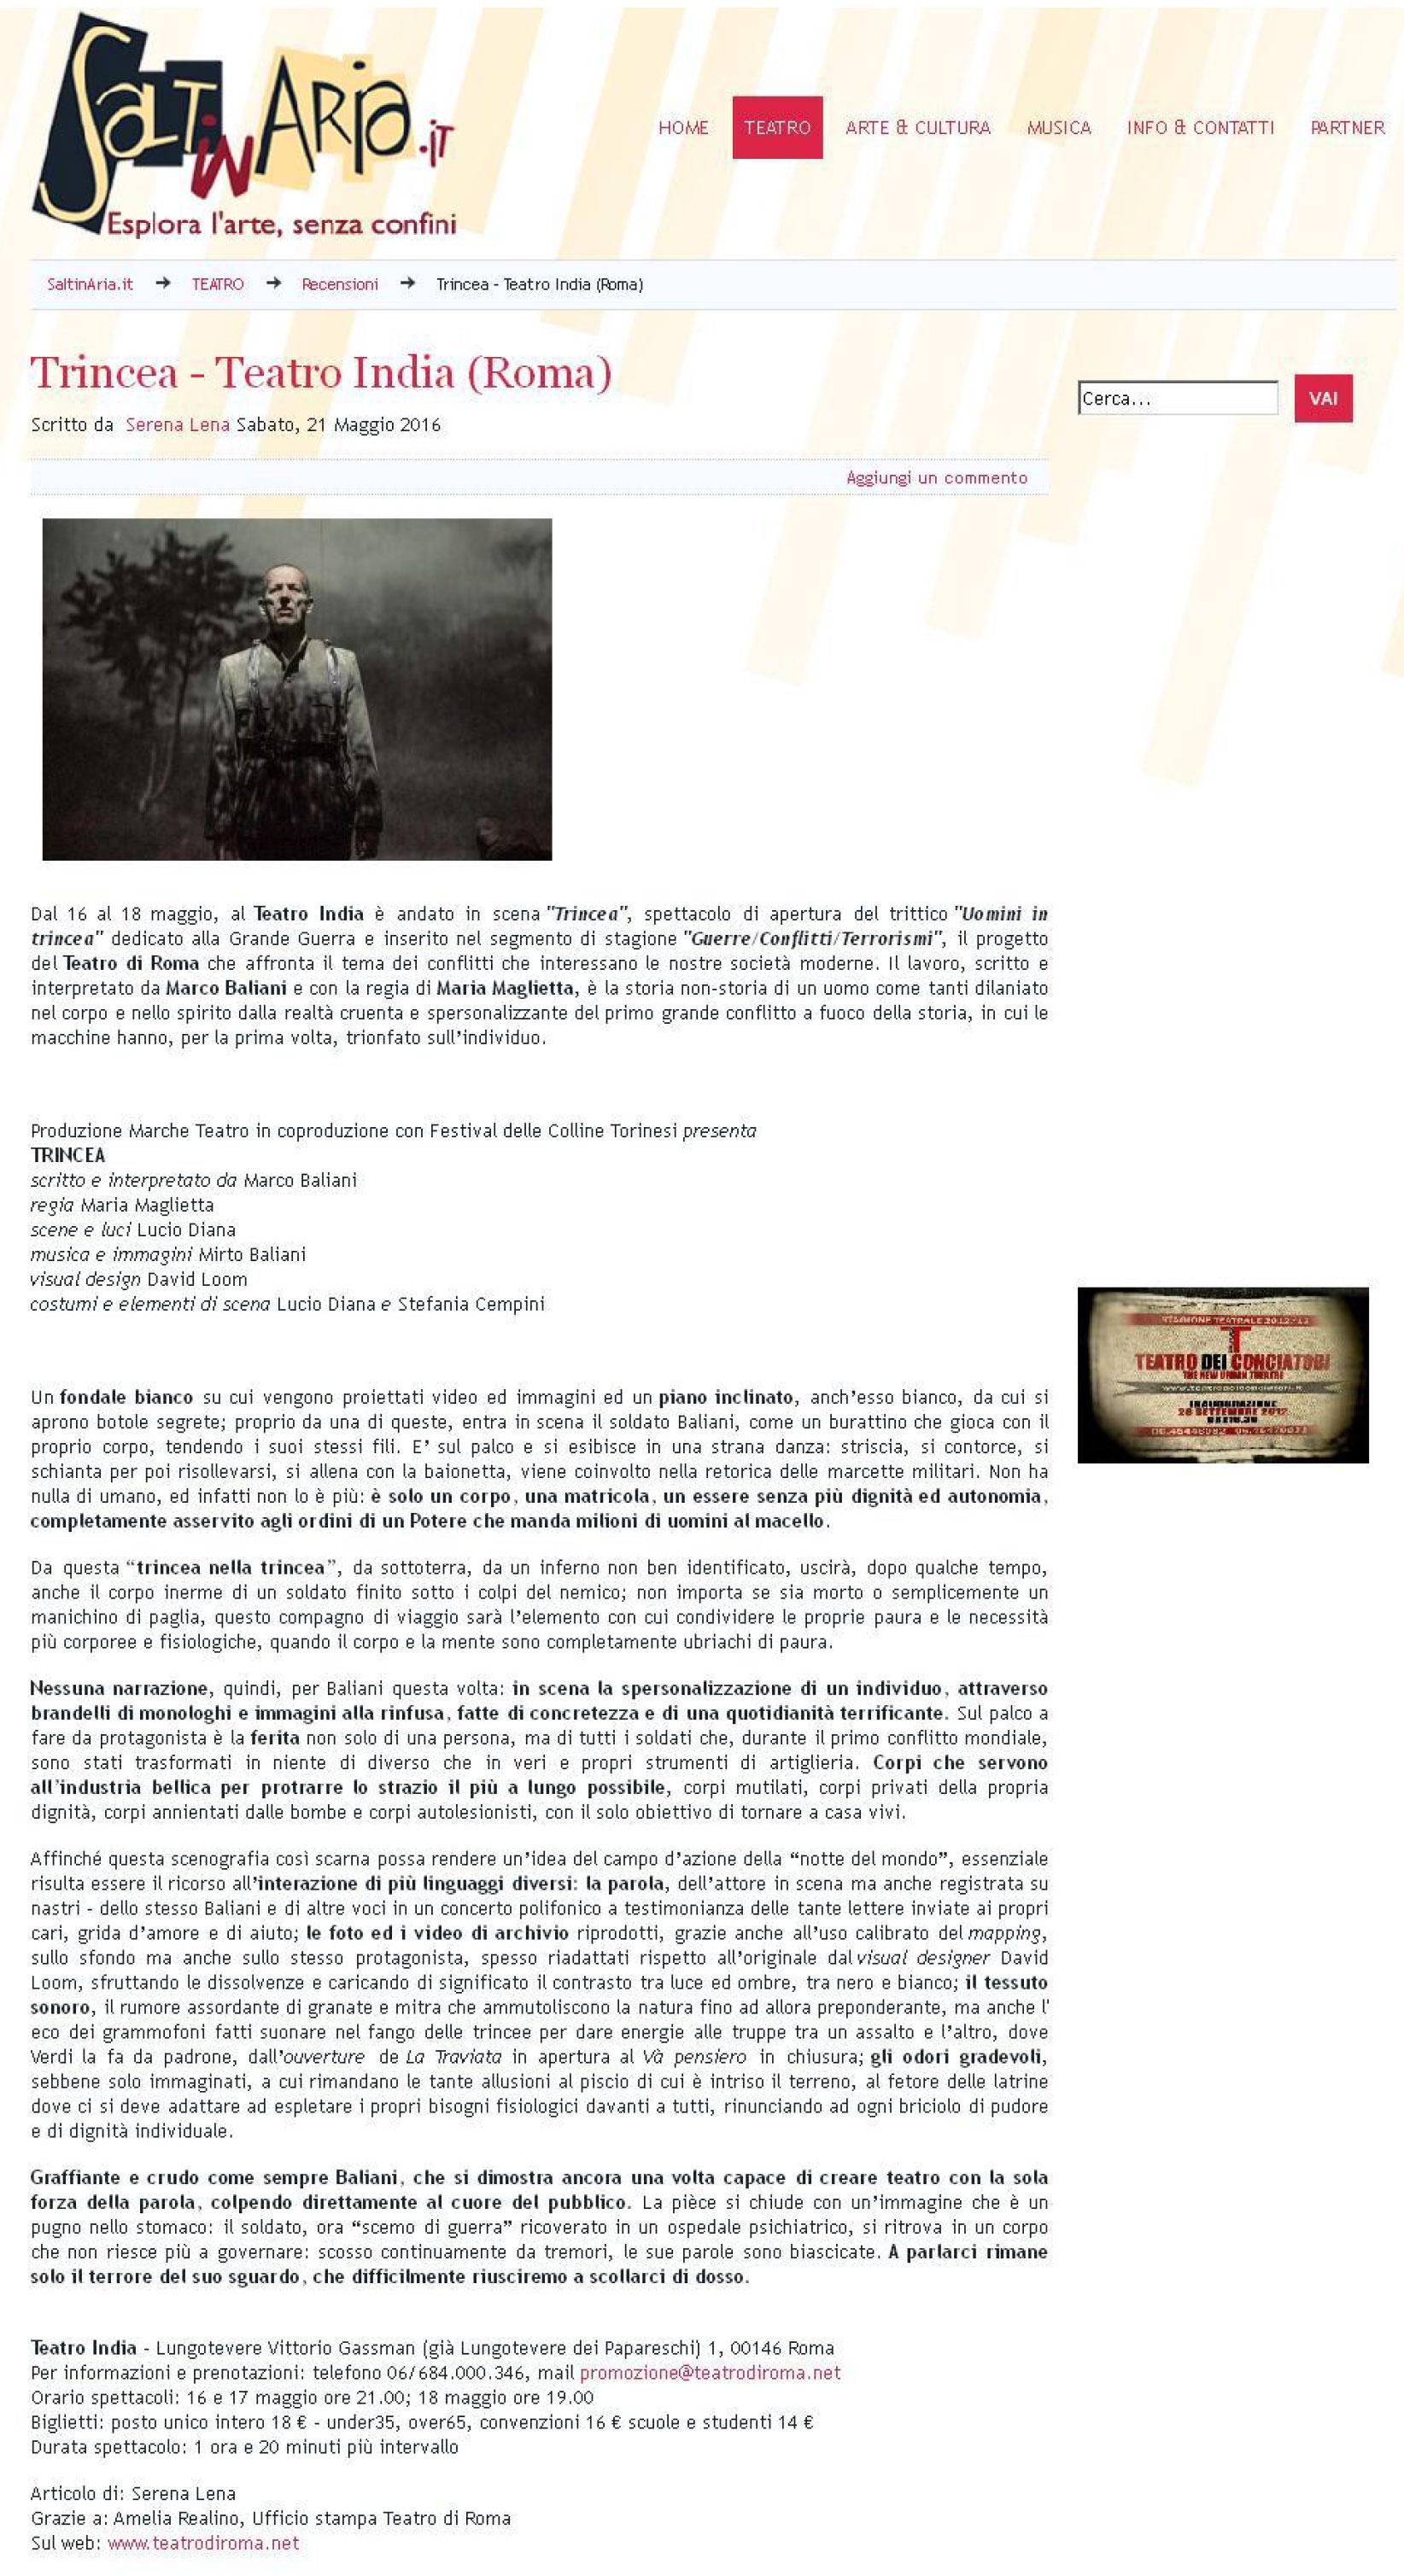 20160521_Trincea-Teatro-India-(Roma)_saltinaria